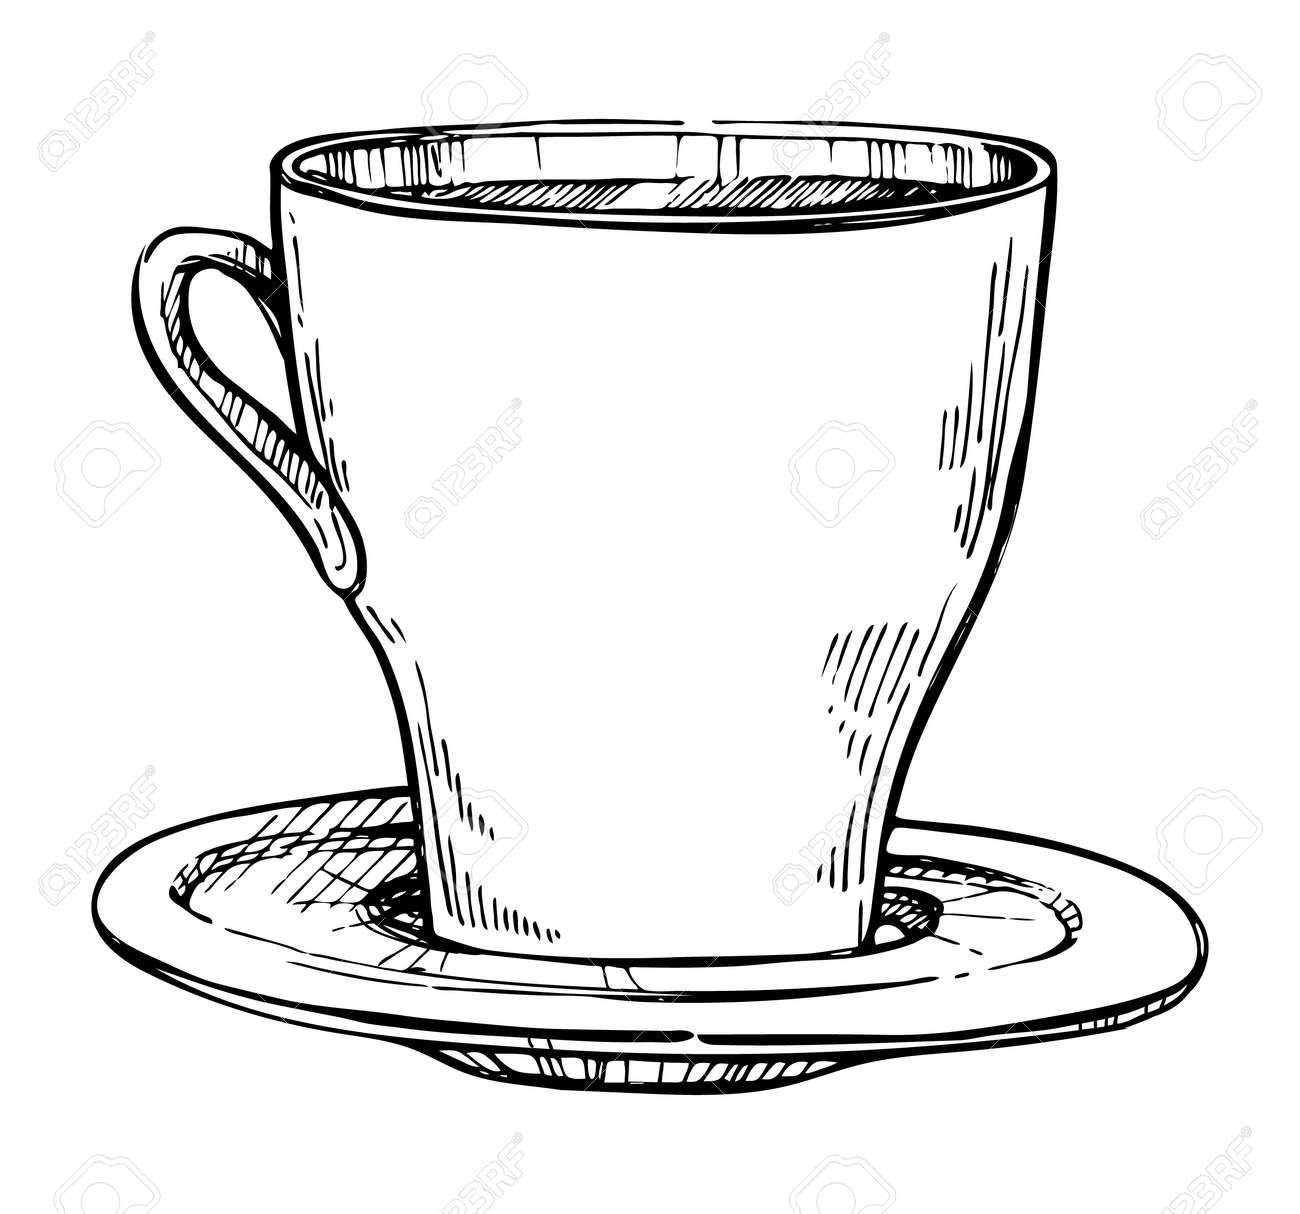 Vettoriale Disegno A Matita A Mano Libera Della Tazza Di Caffè